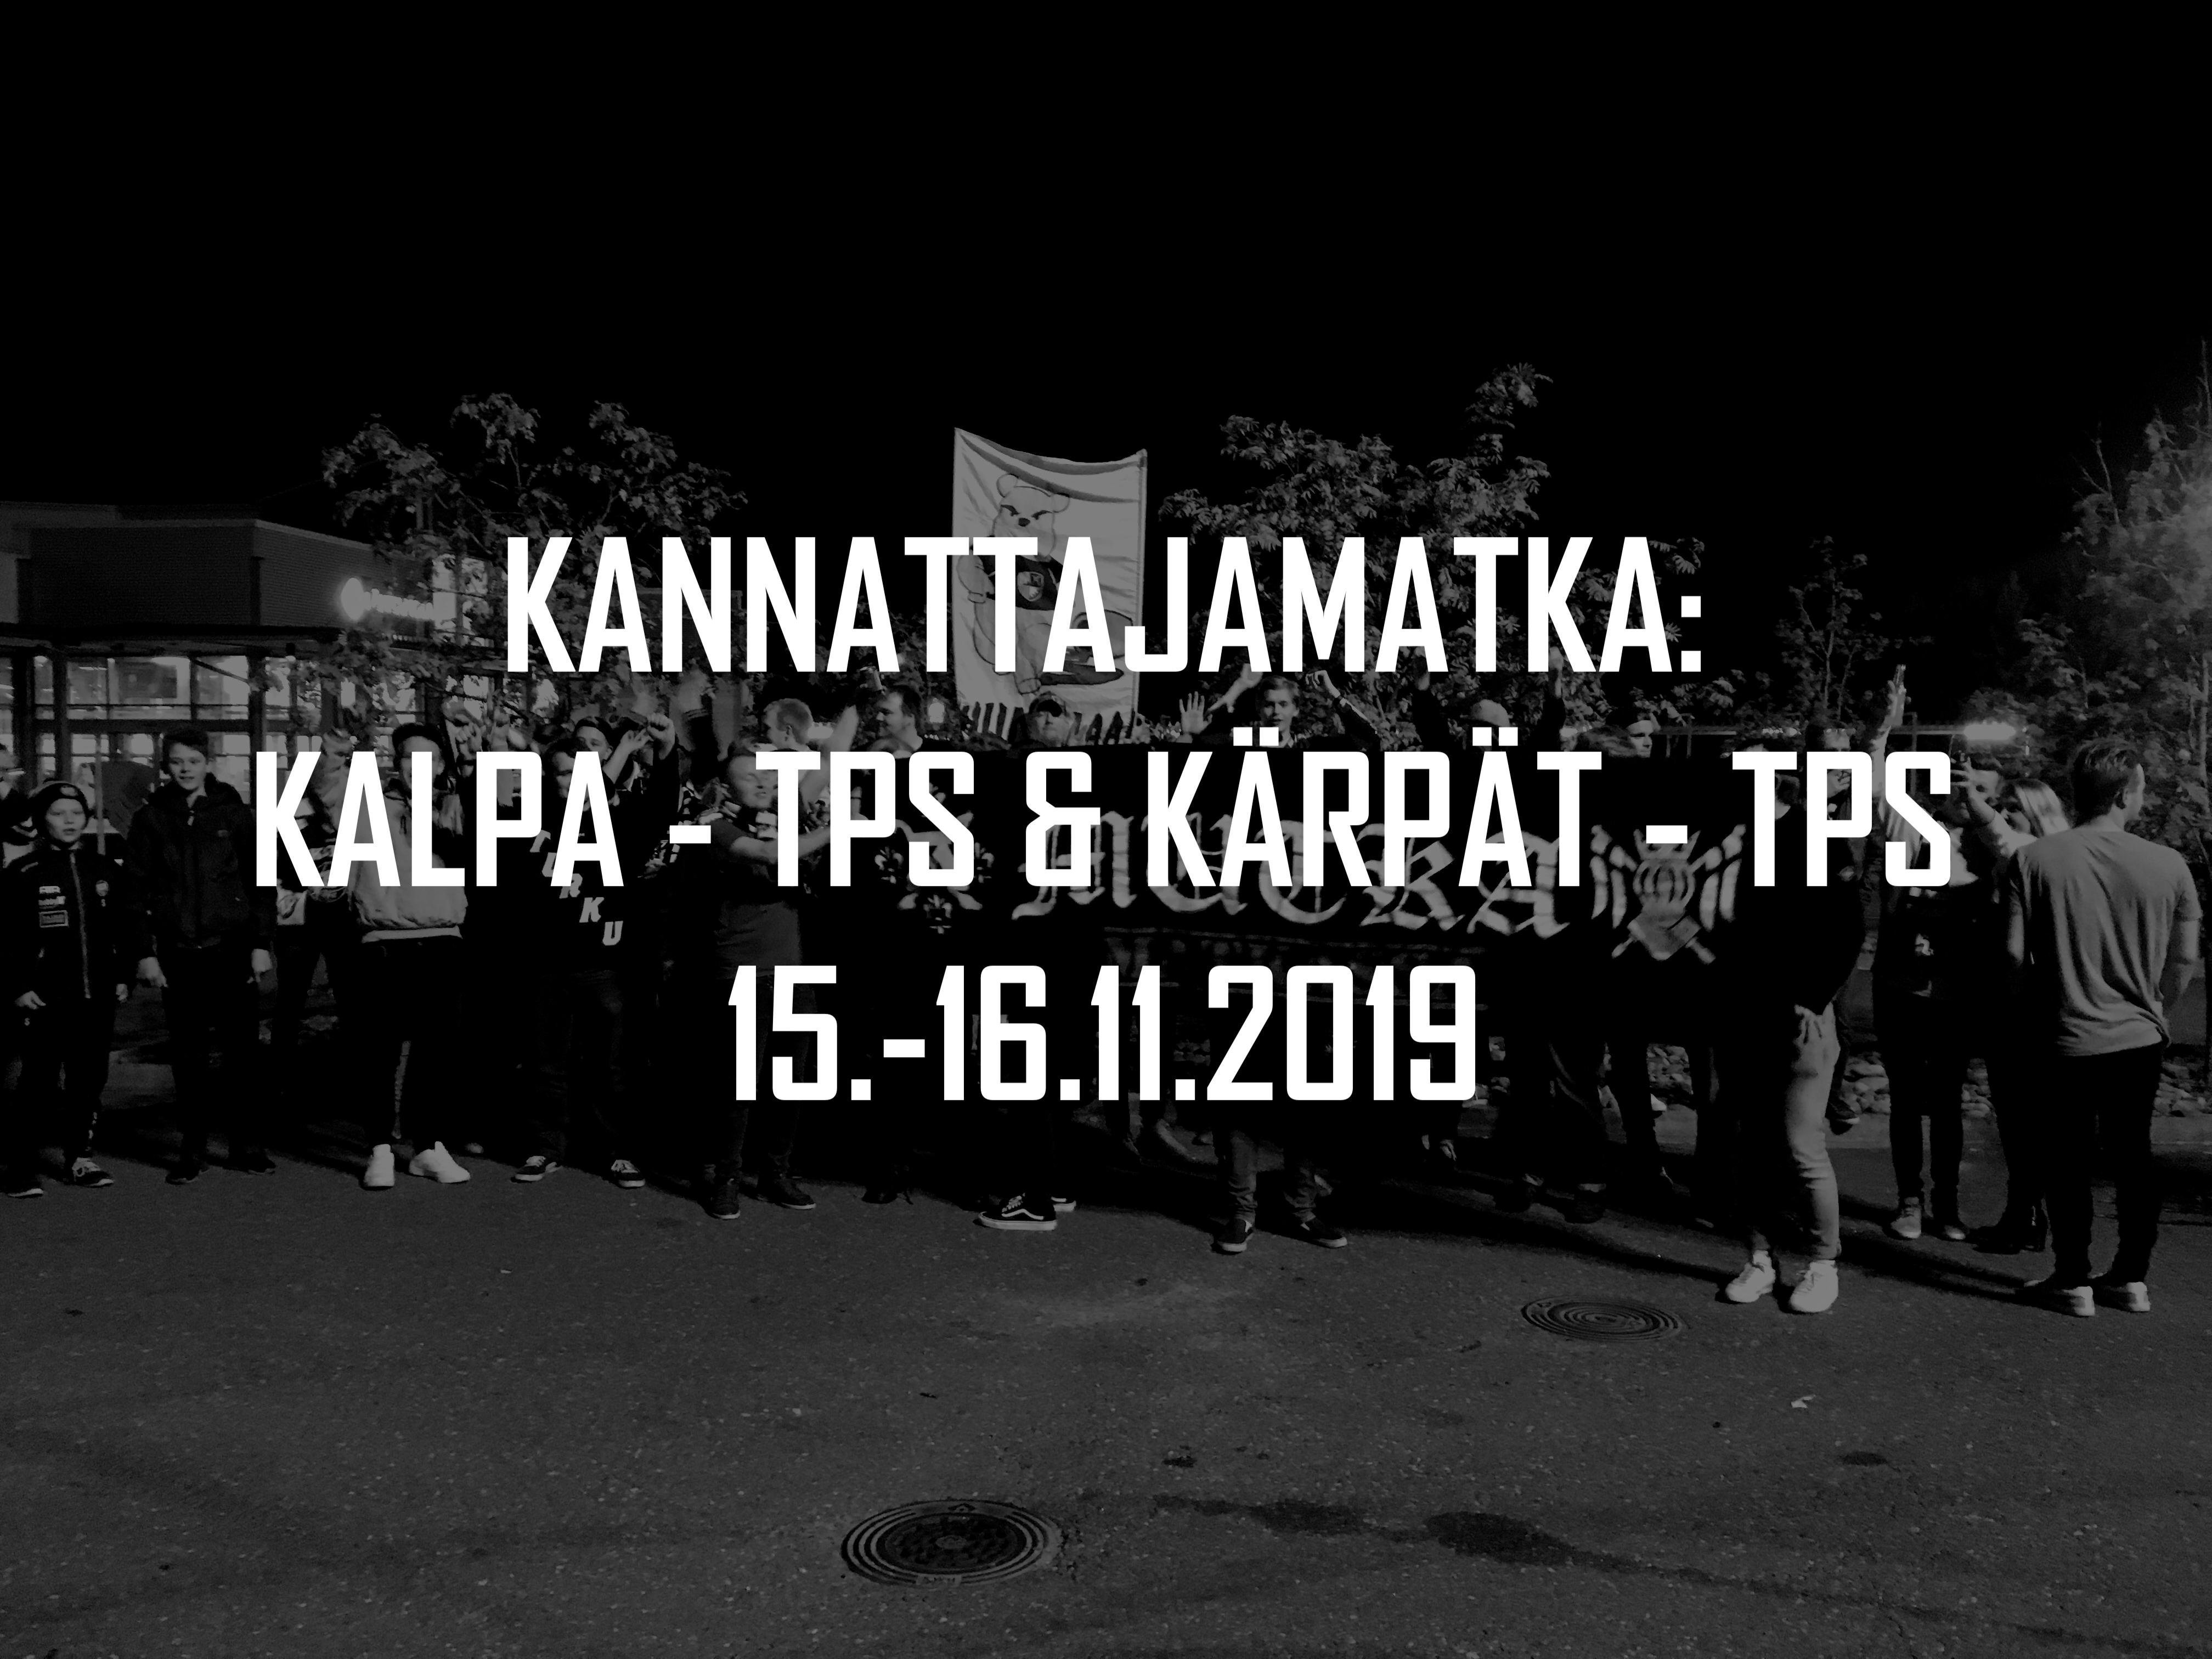 Kannattajamatka: KalPa – TPS & Kärpät – TPS 15.-16.11.